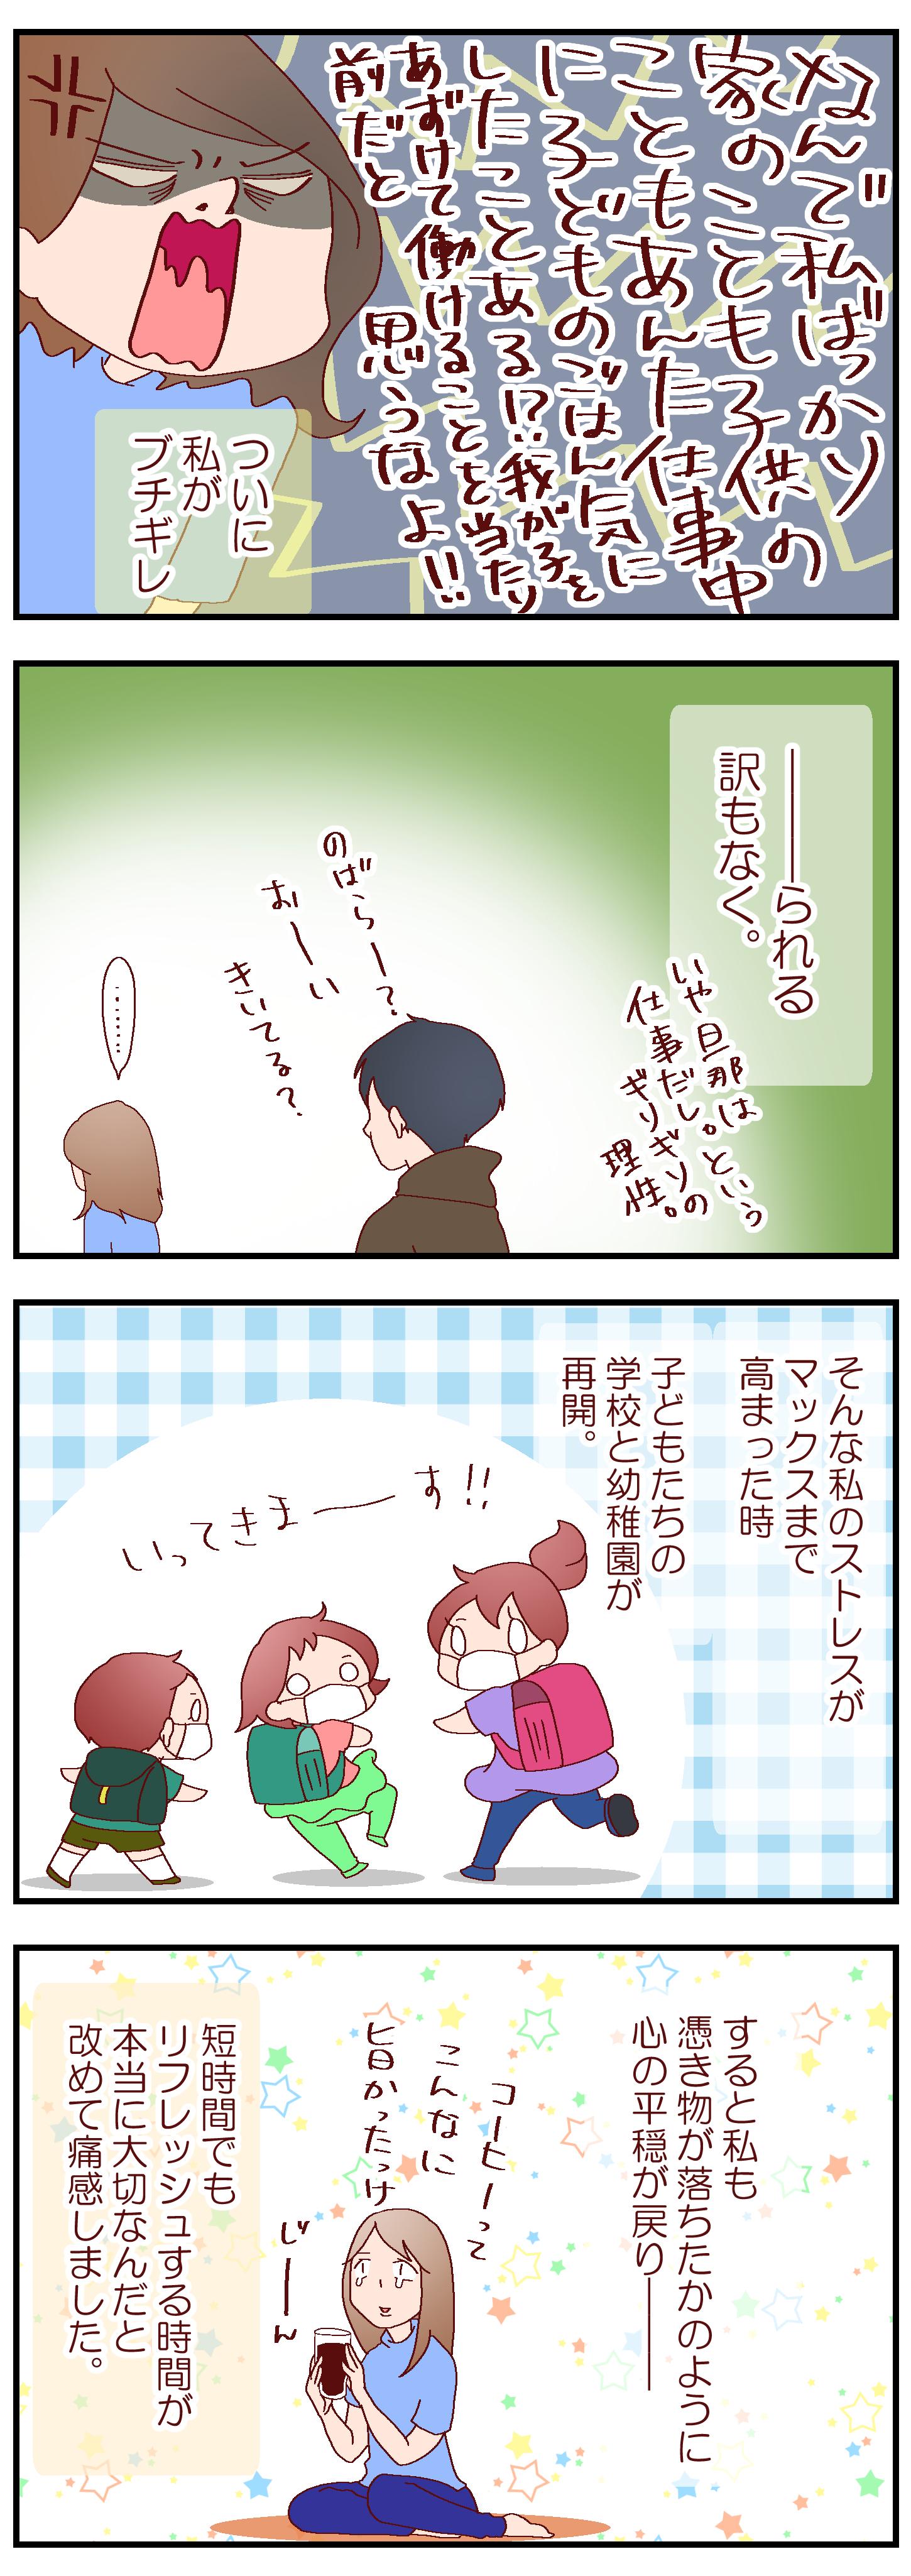 離婚 え 鈴木 あき